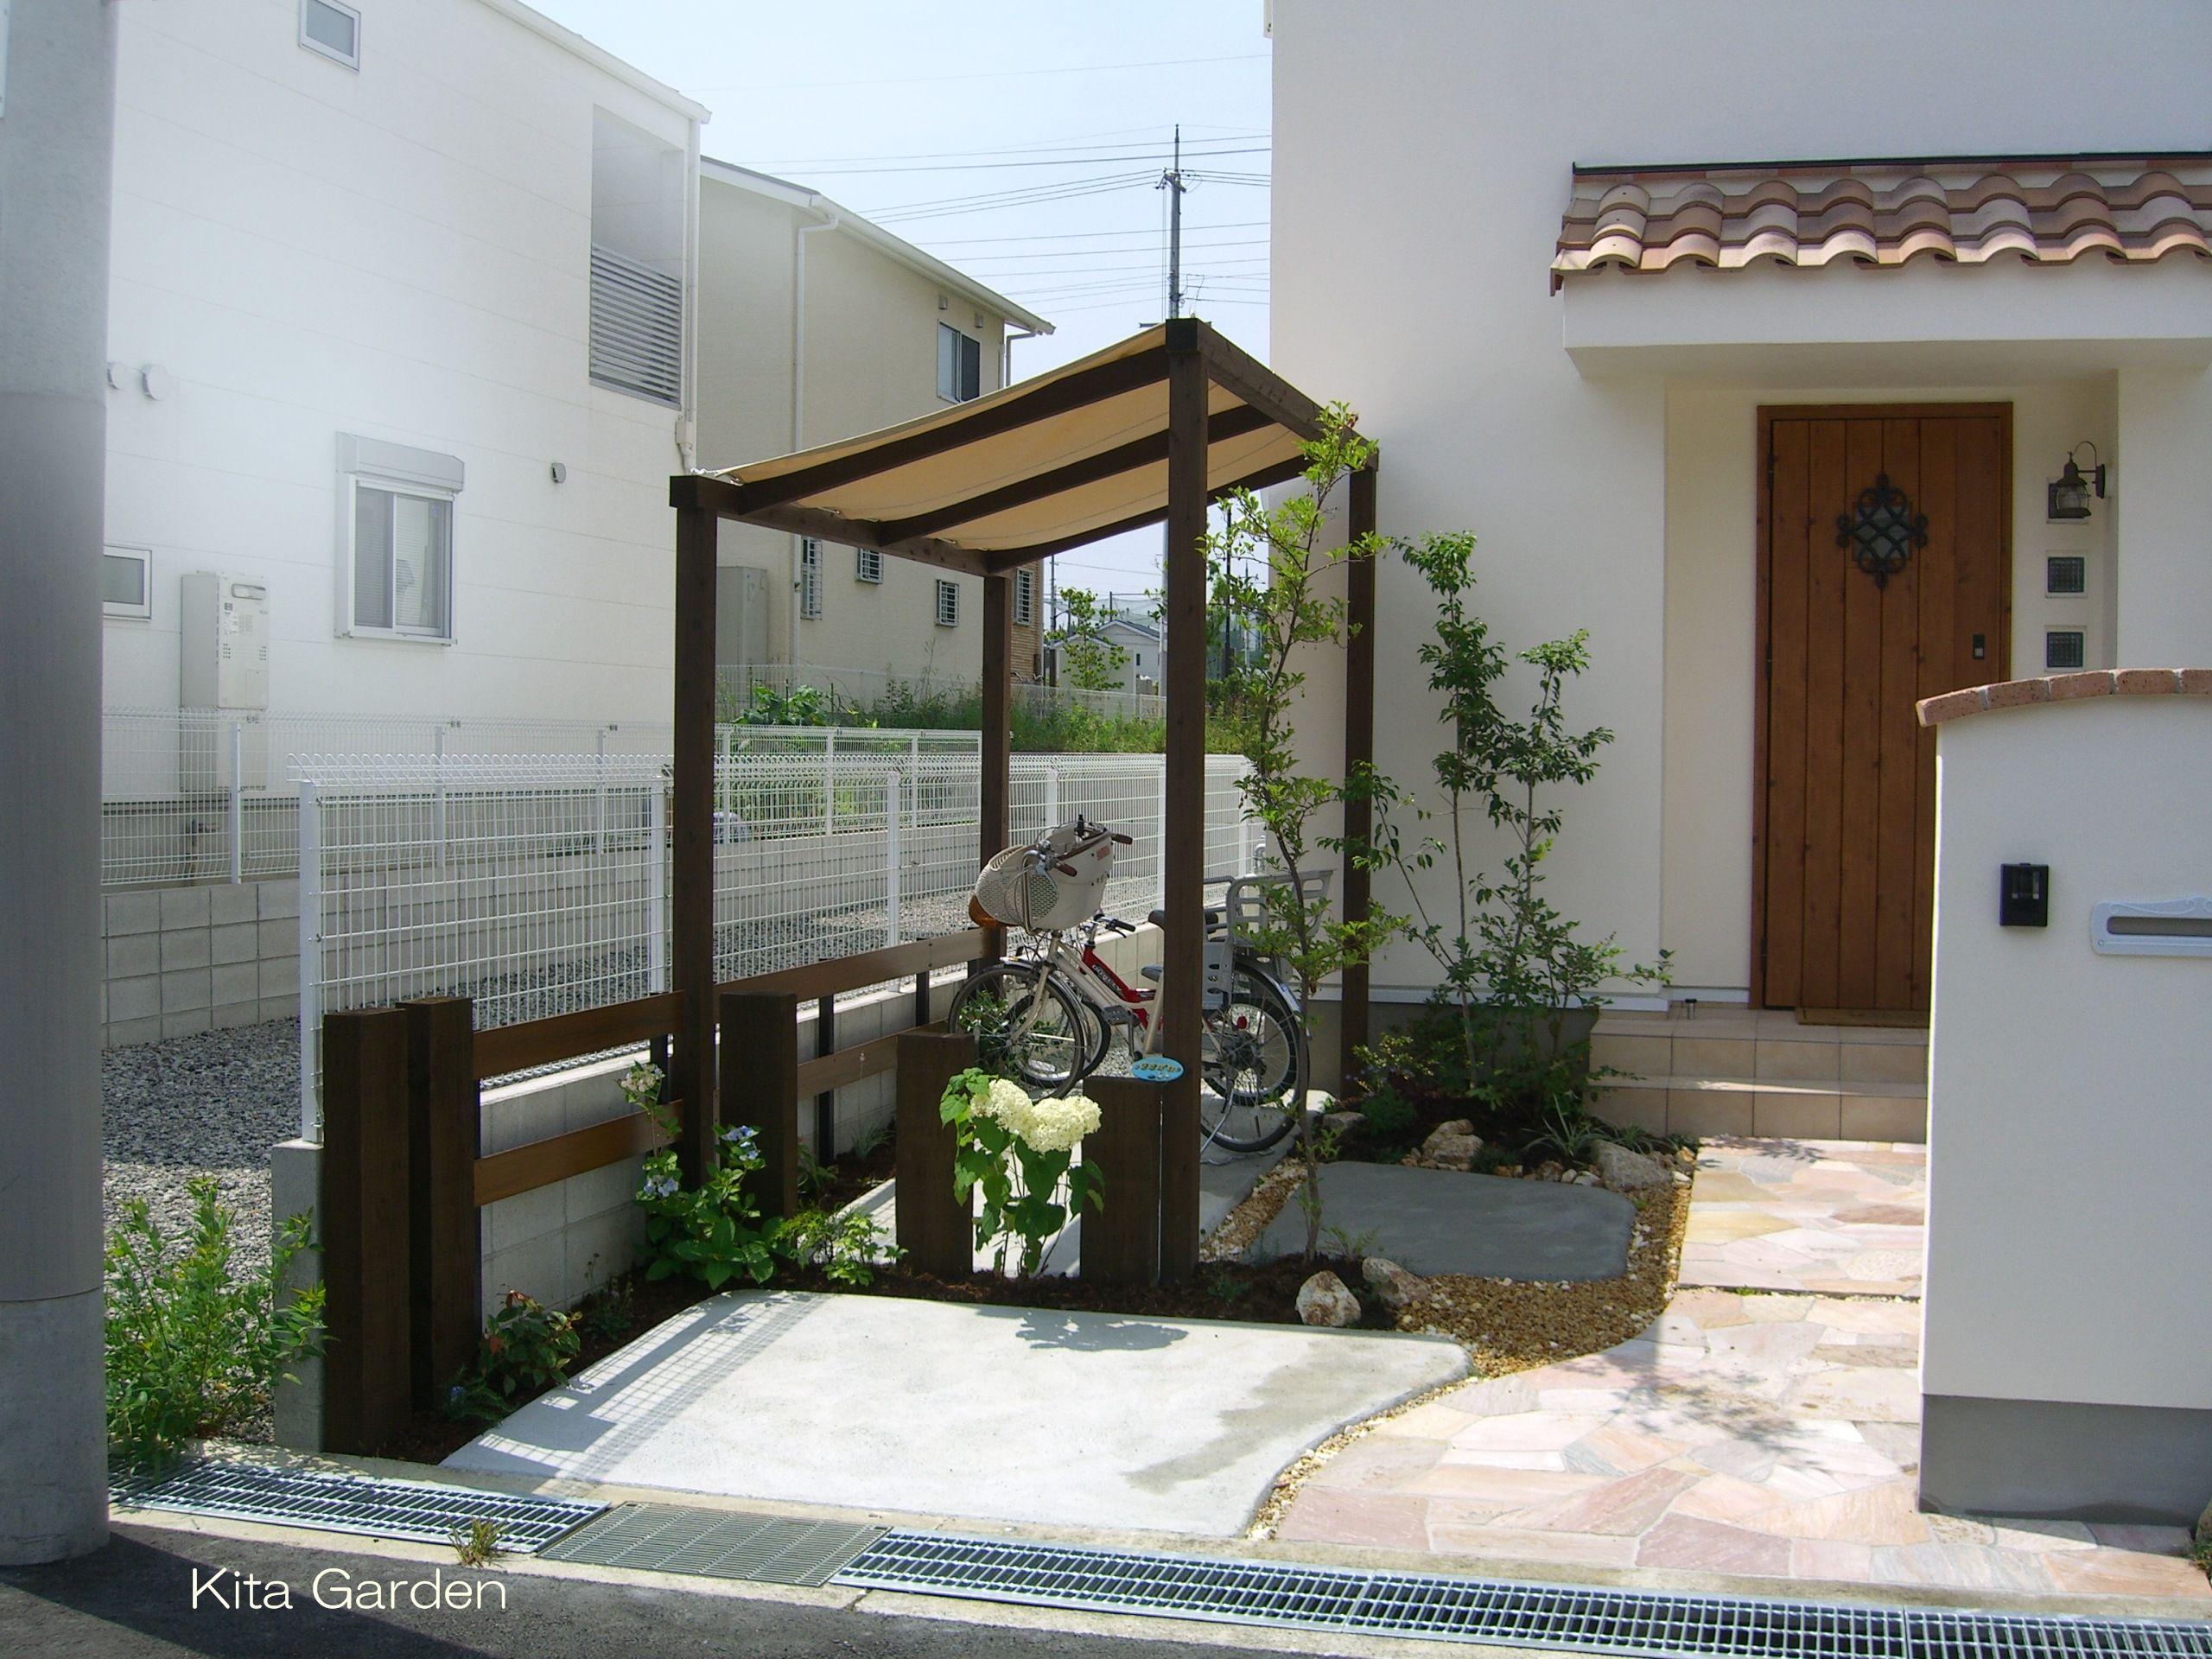 自転車置き場の屋根 自転車置き場 おしゃれ 自転車置き場 玄関アプローチ デザイン